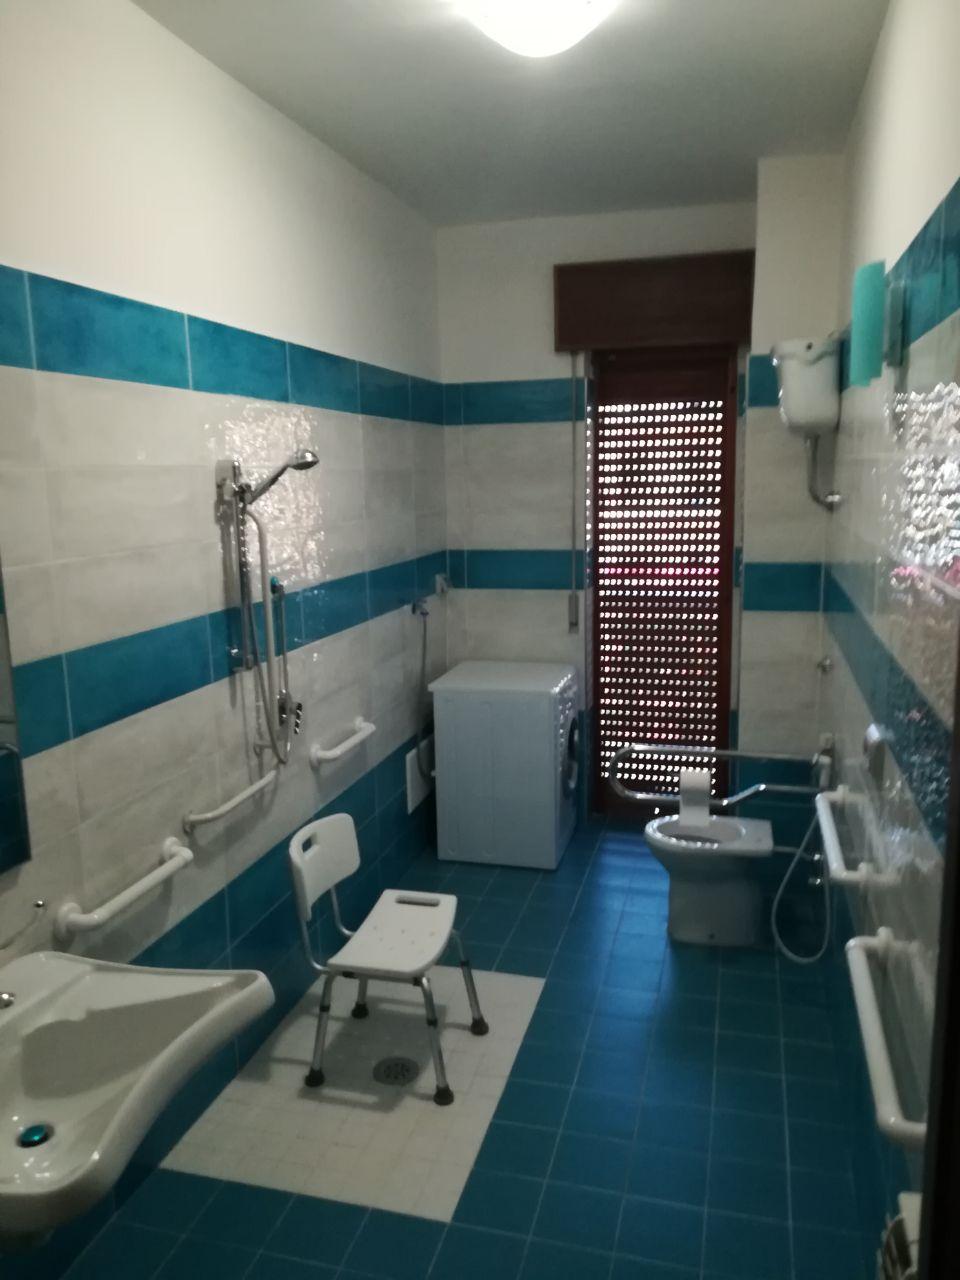 Casa di Riposo Il Girasole - Via Poggiomarino 59 - Scatati. Salerno